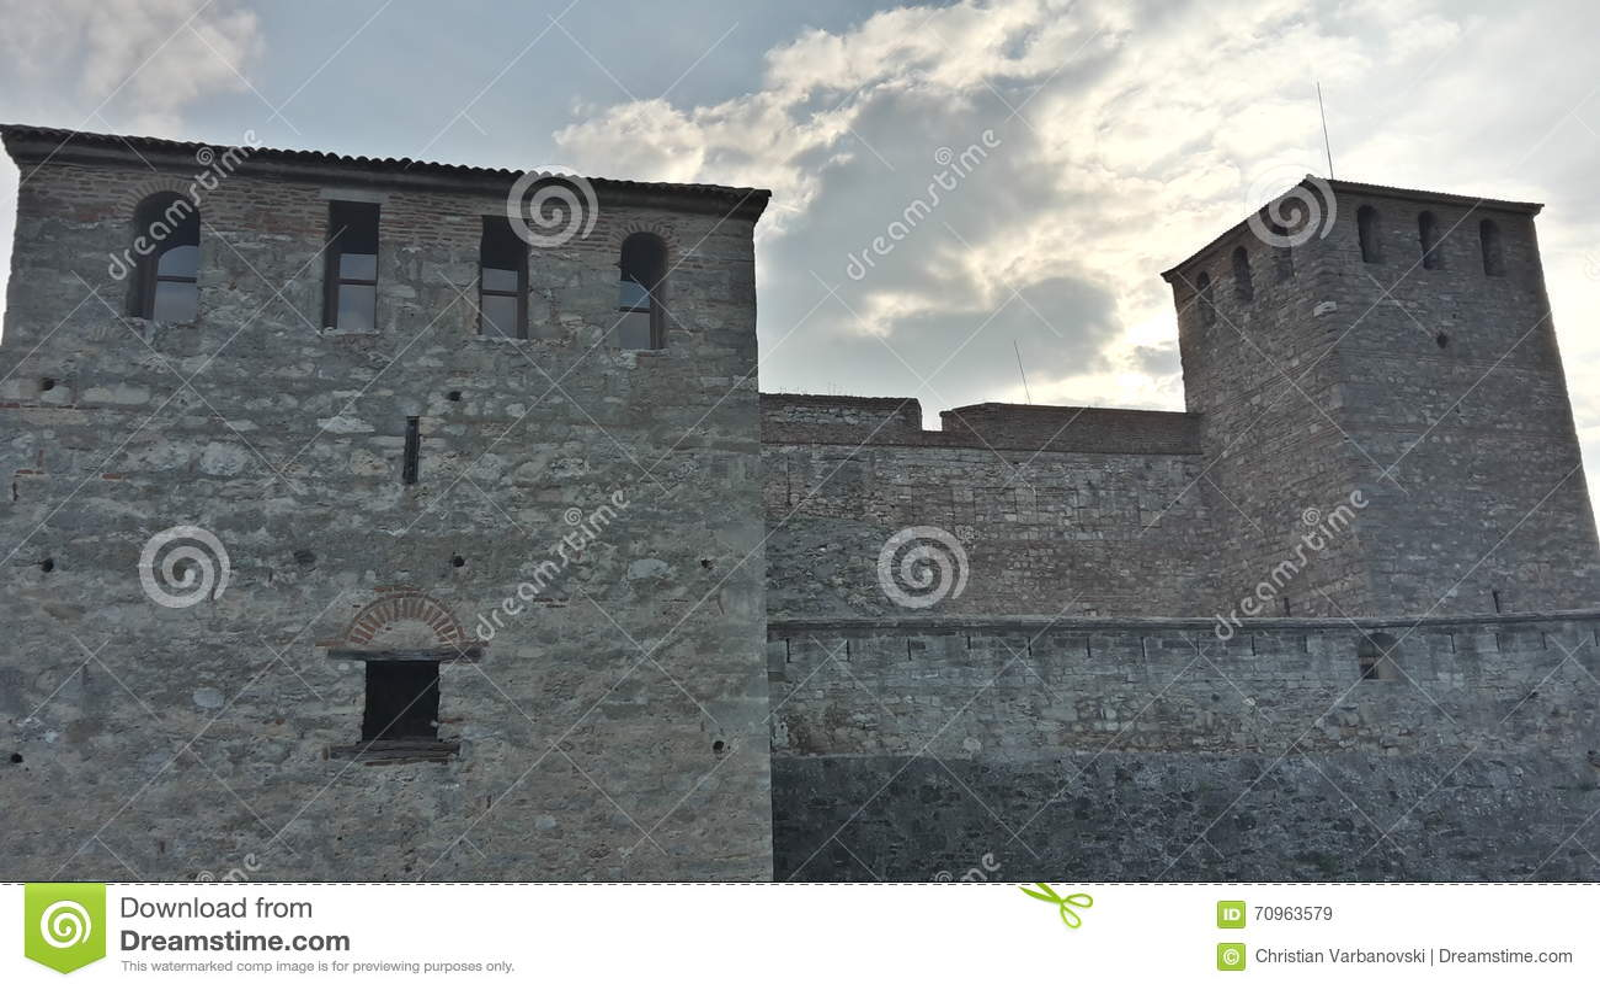 Die Festung Baba Vida in Vidin, Bulgarien